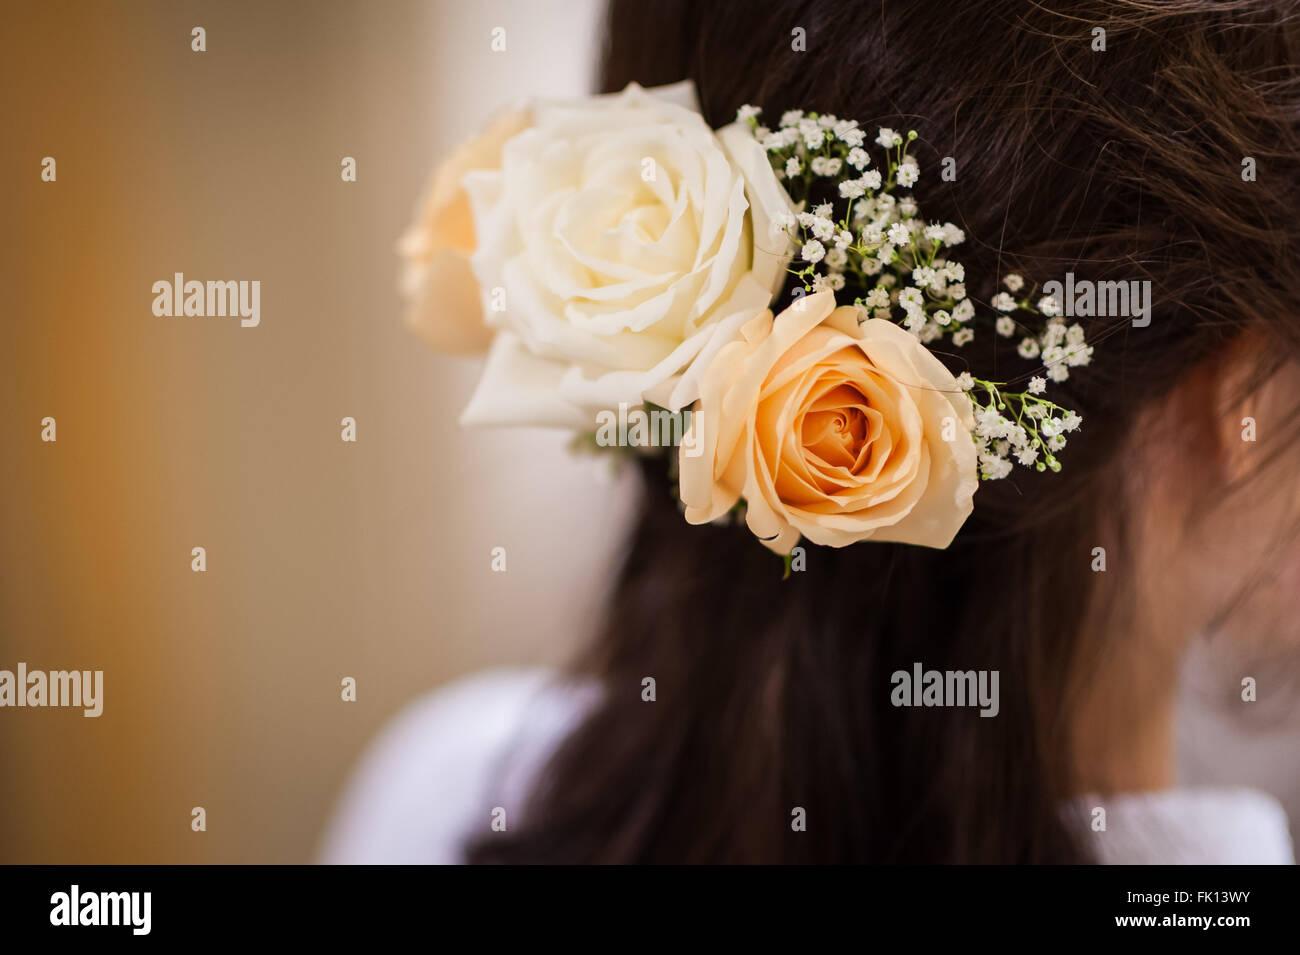 Hubsche Blumen Platziert In Braut Haar Als Dekoration Im Rahmen